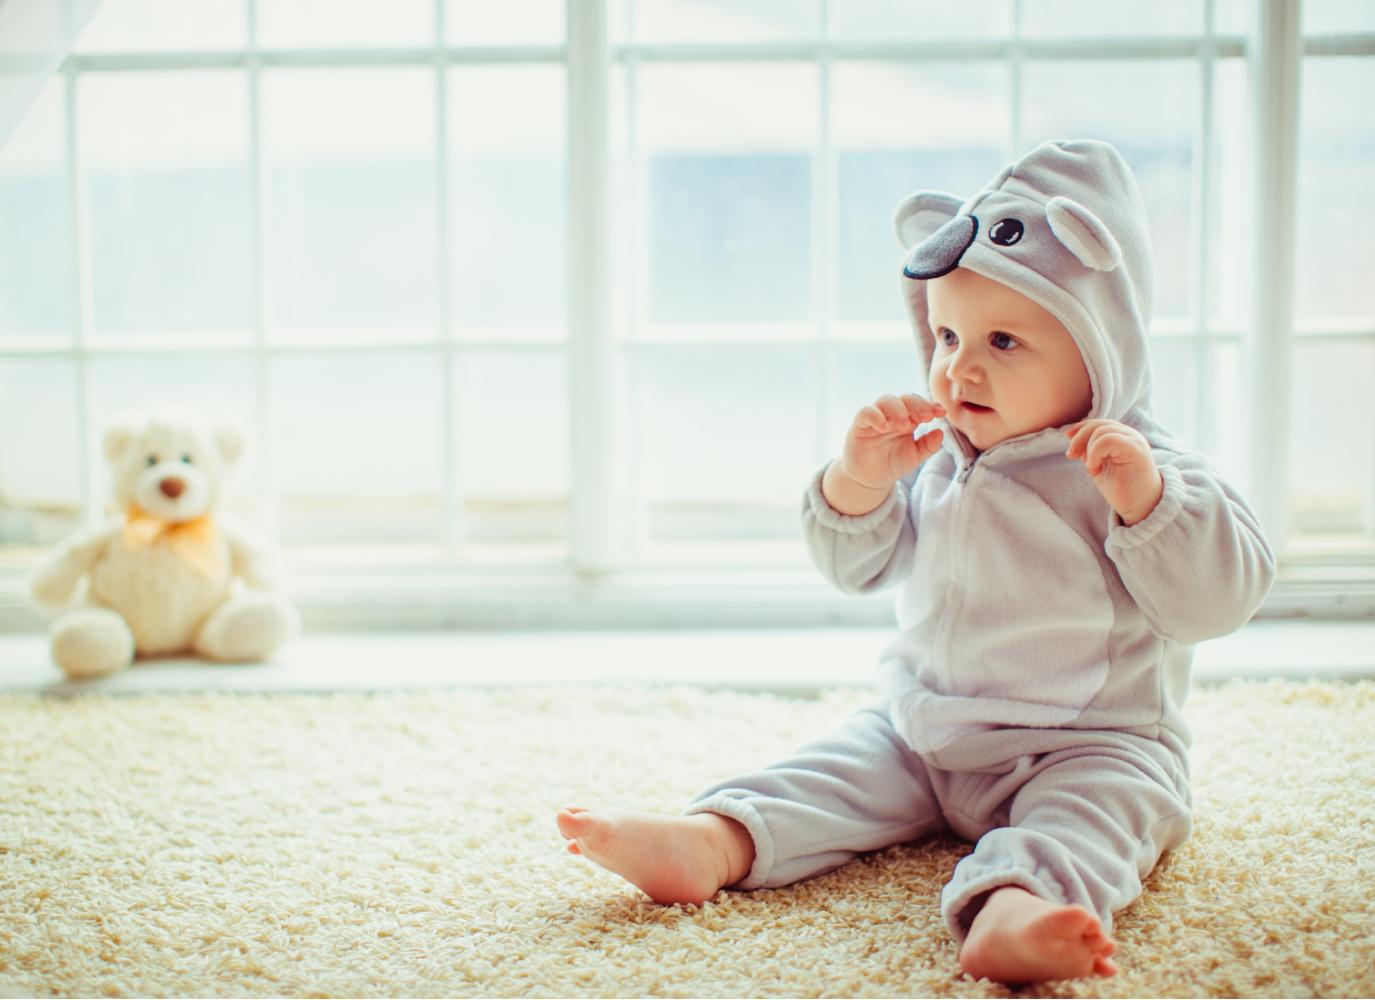 Bé 2 tháng tuổi biết làm gì? Mẹ cần lưu ý điều gì khi chăm sóc?